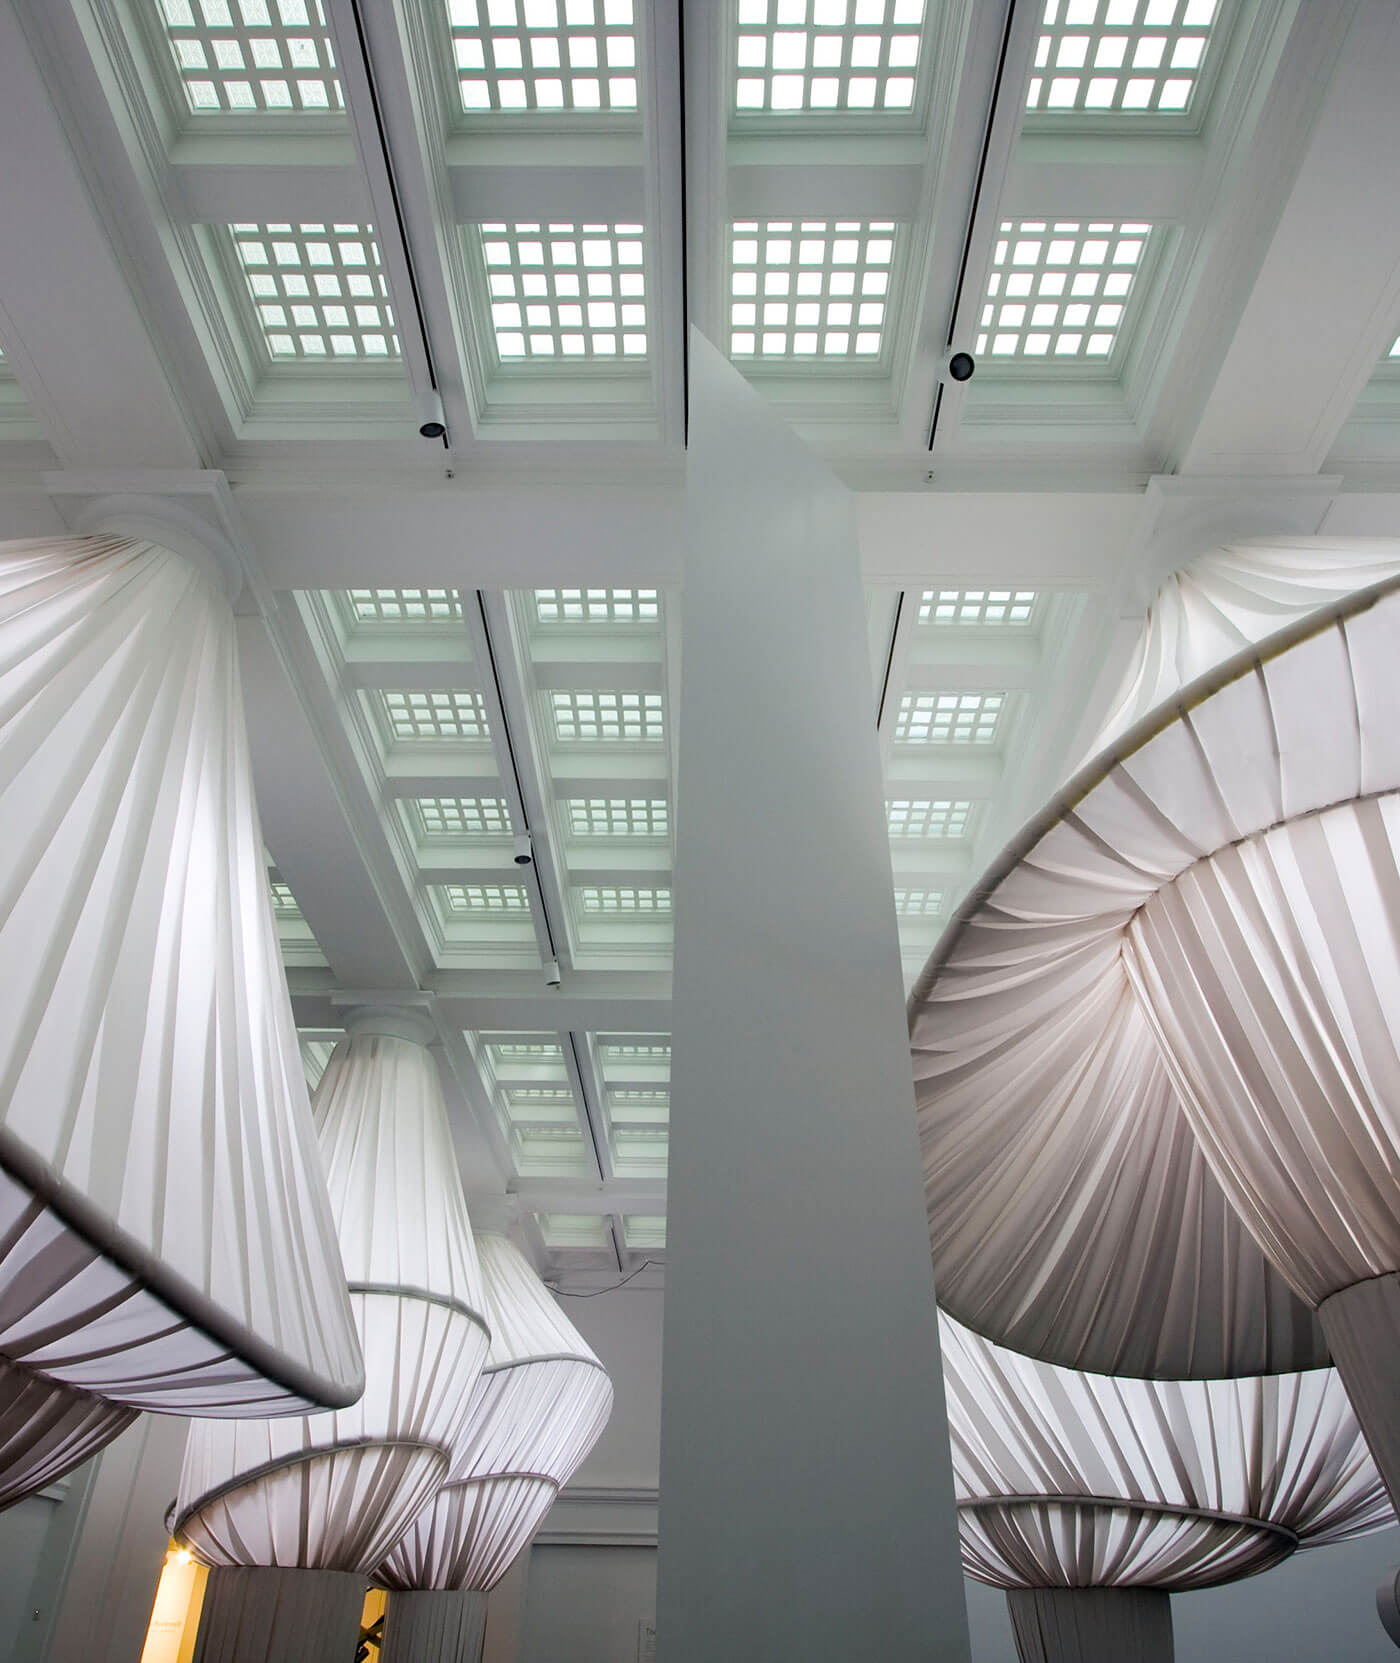 La mostra reOrder del Brooklyn Museum ha creato un'opera d'arte usando 1800 metri di tessuti Sunbrella